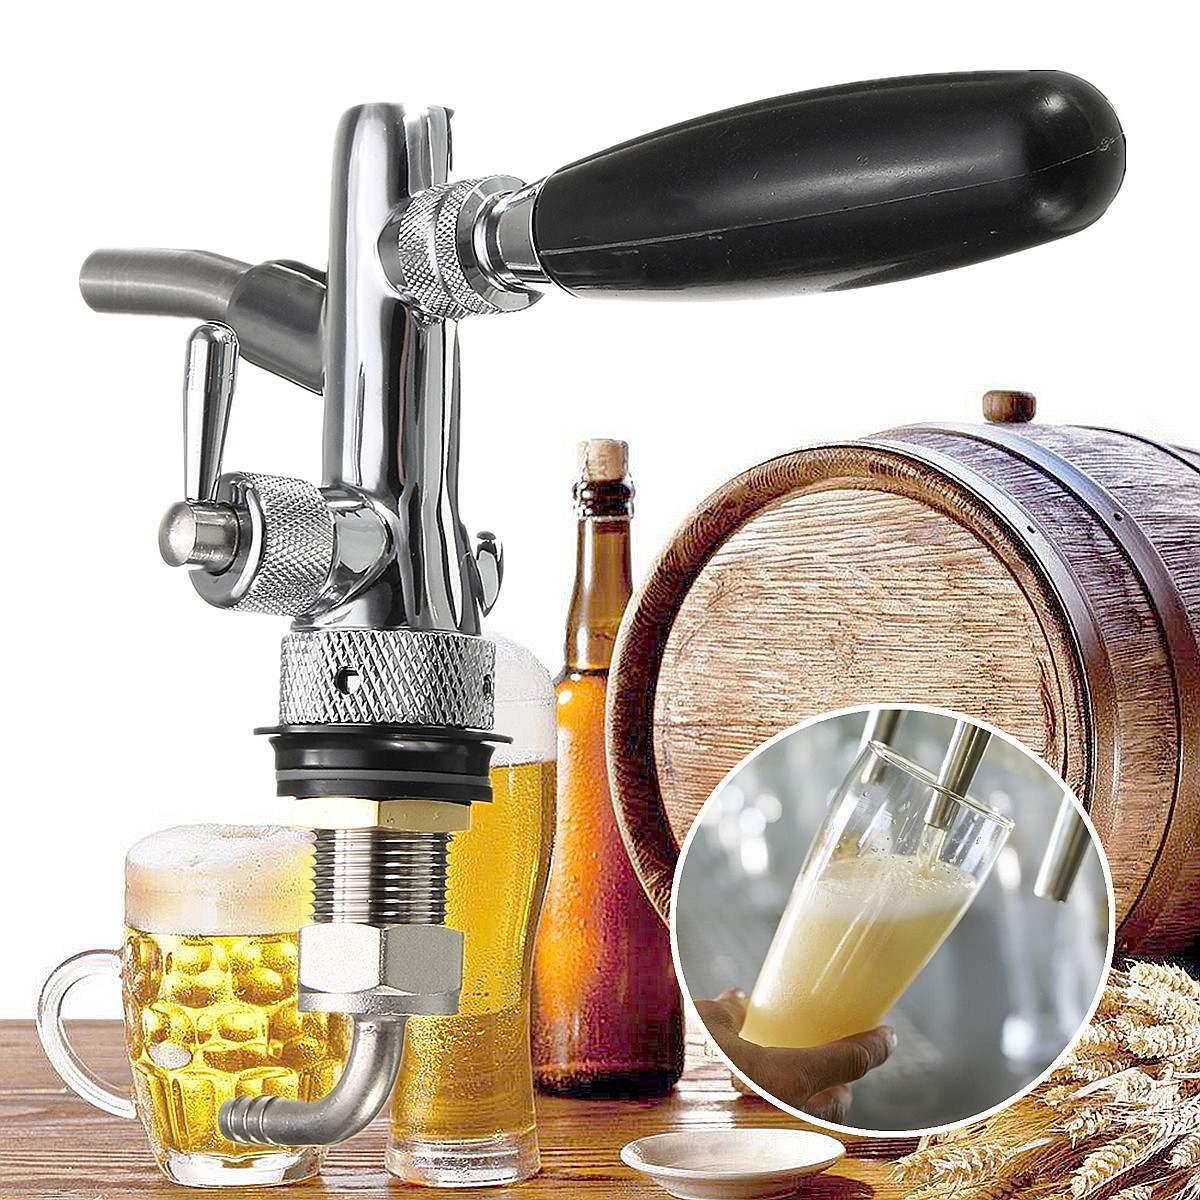 Разливный пивной кран, регулируемый дозатор для Домашнего Пива с регулятором потока для бочонка, кран для баров, отелей, ресторанов, дома G5/8